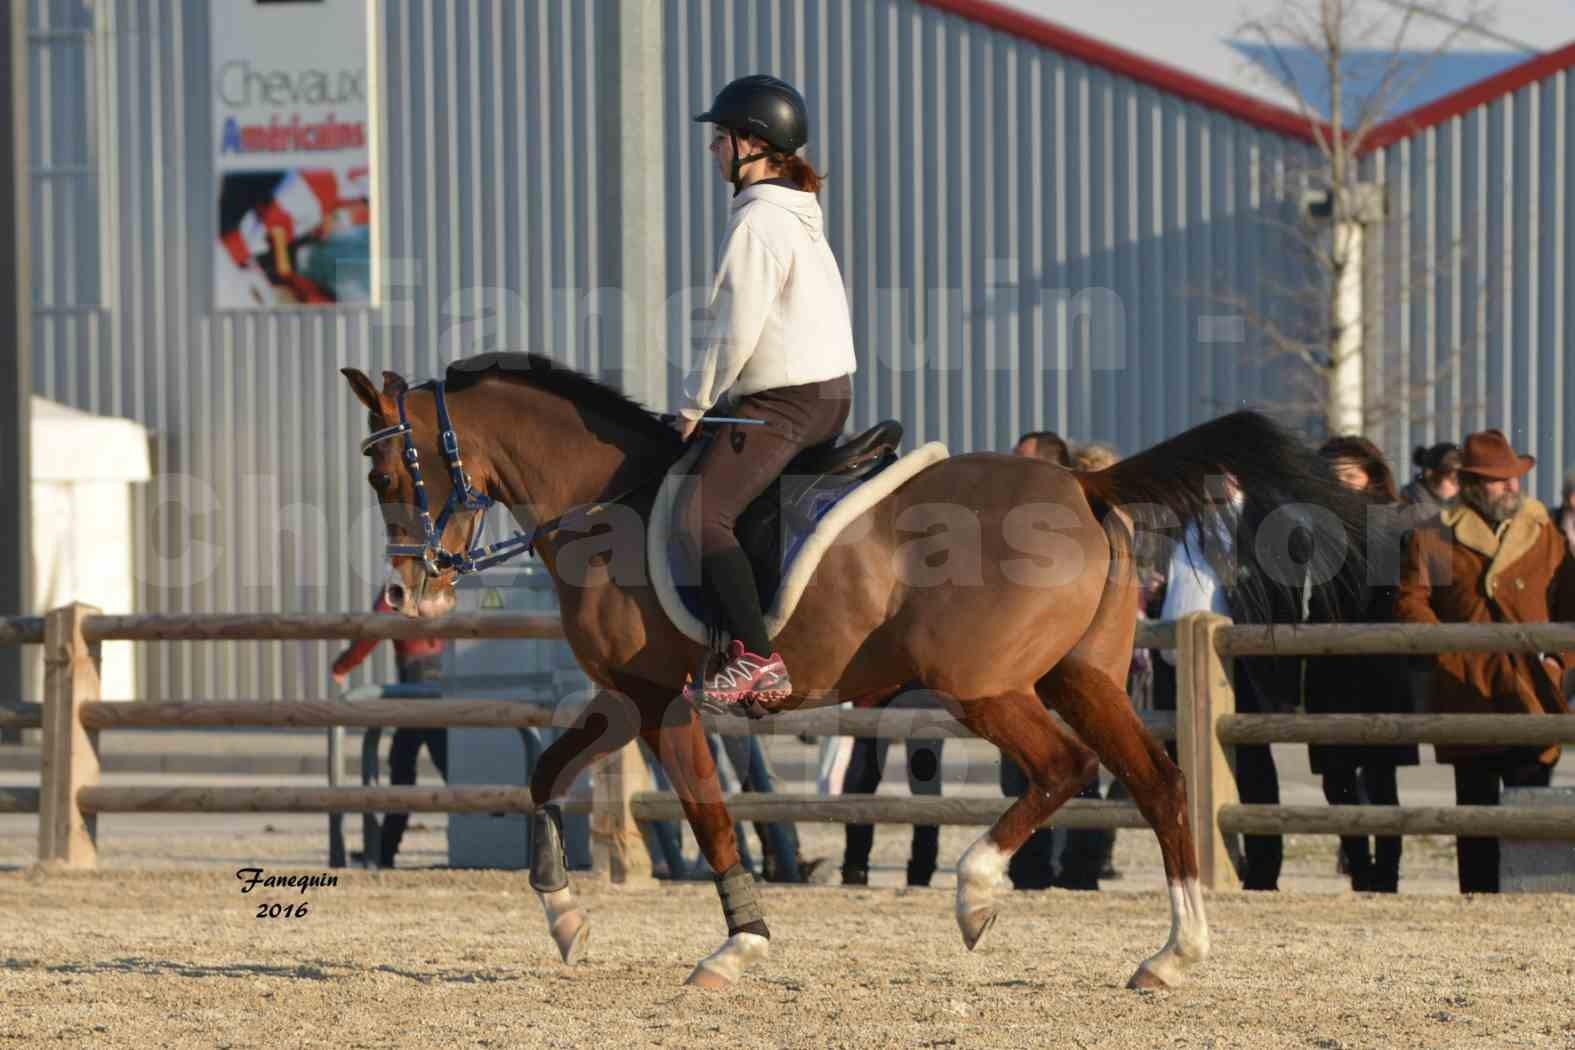 Cheval Passion 2016 - Présentation extérieure de chevaux Arabes montés - 04